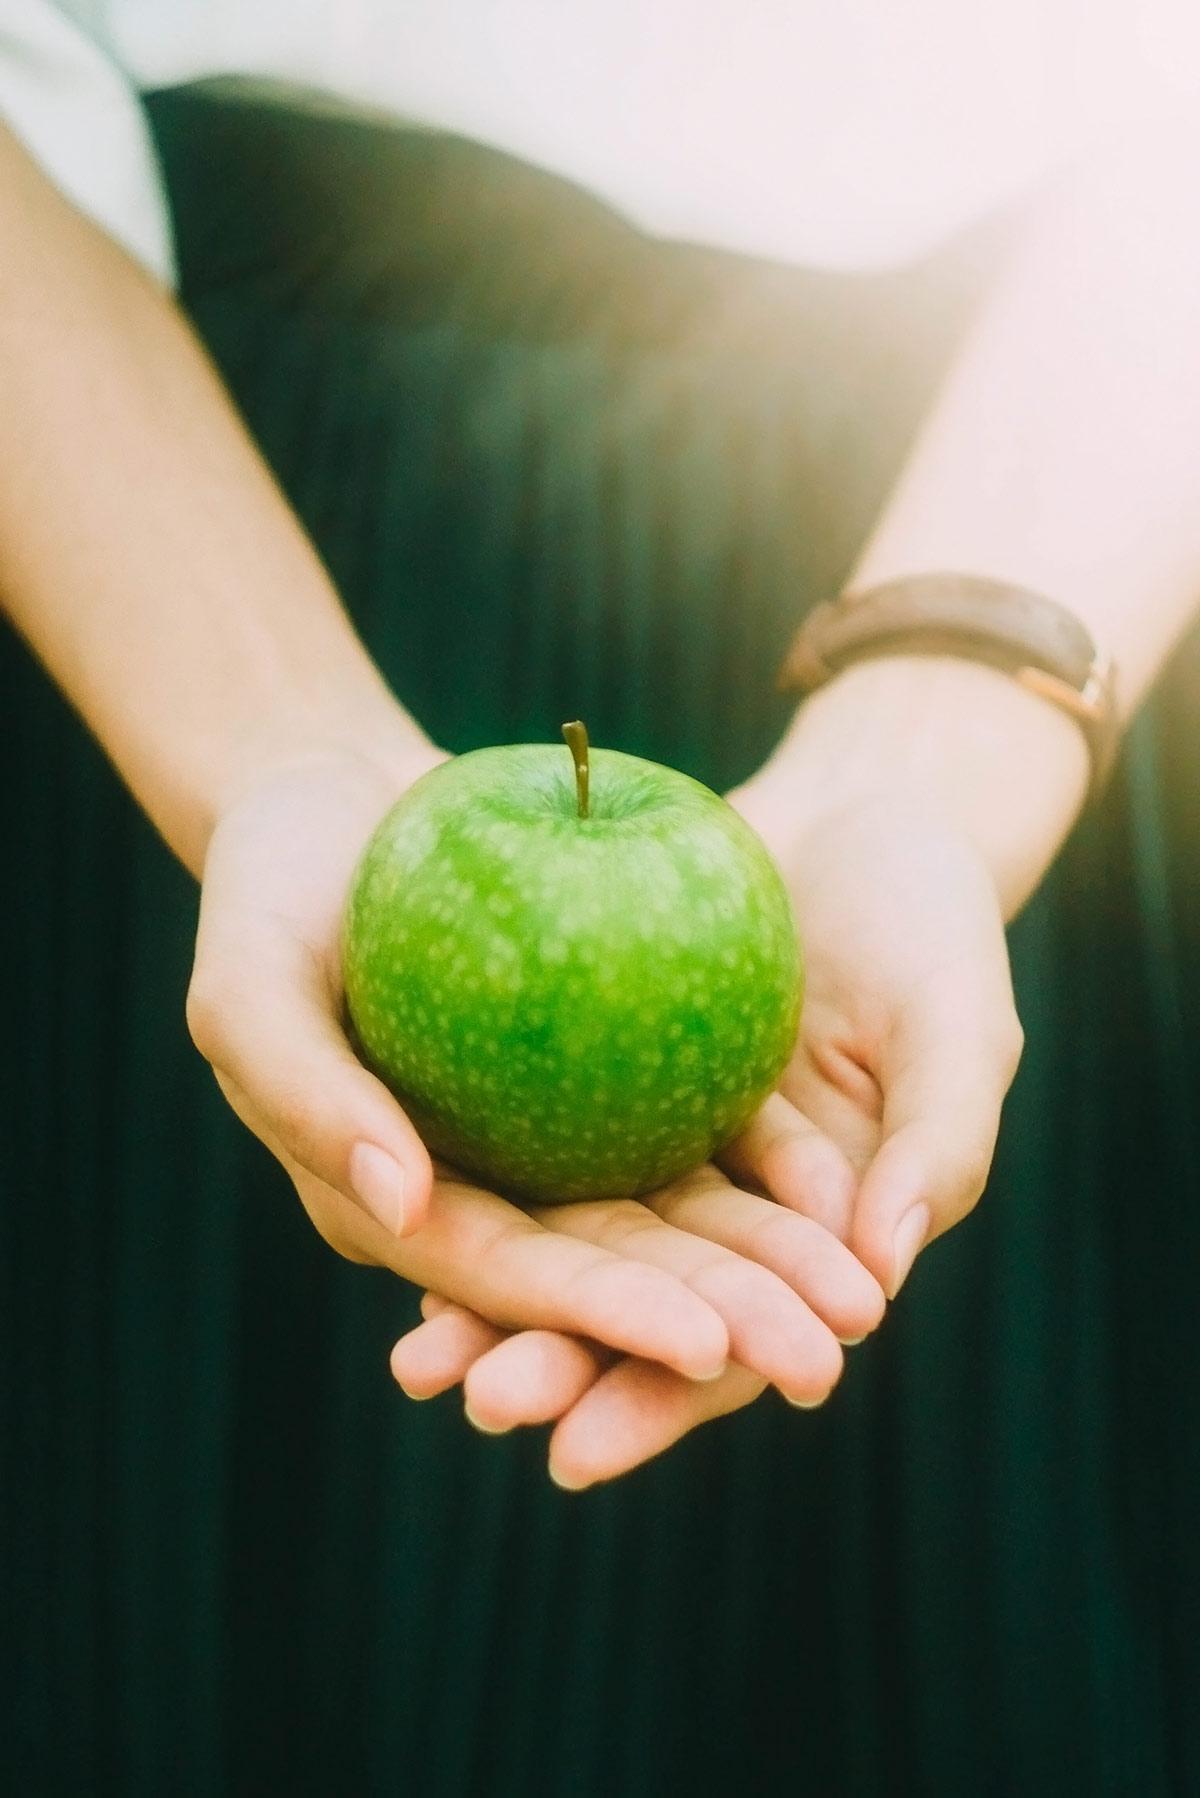 chica sujetando una manzana